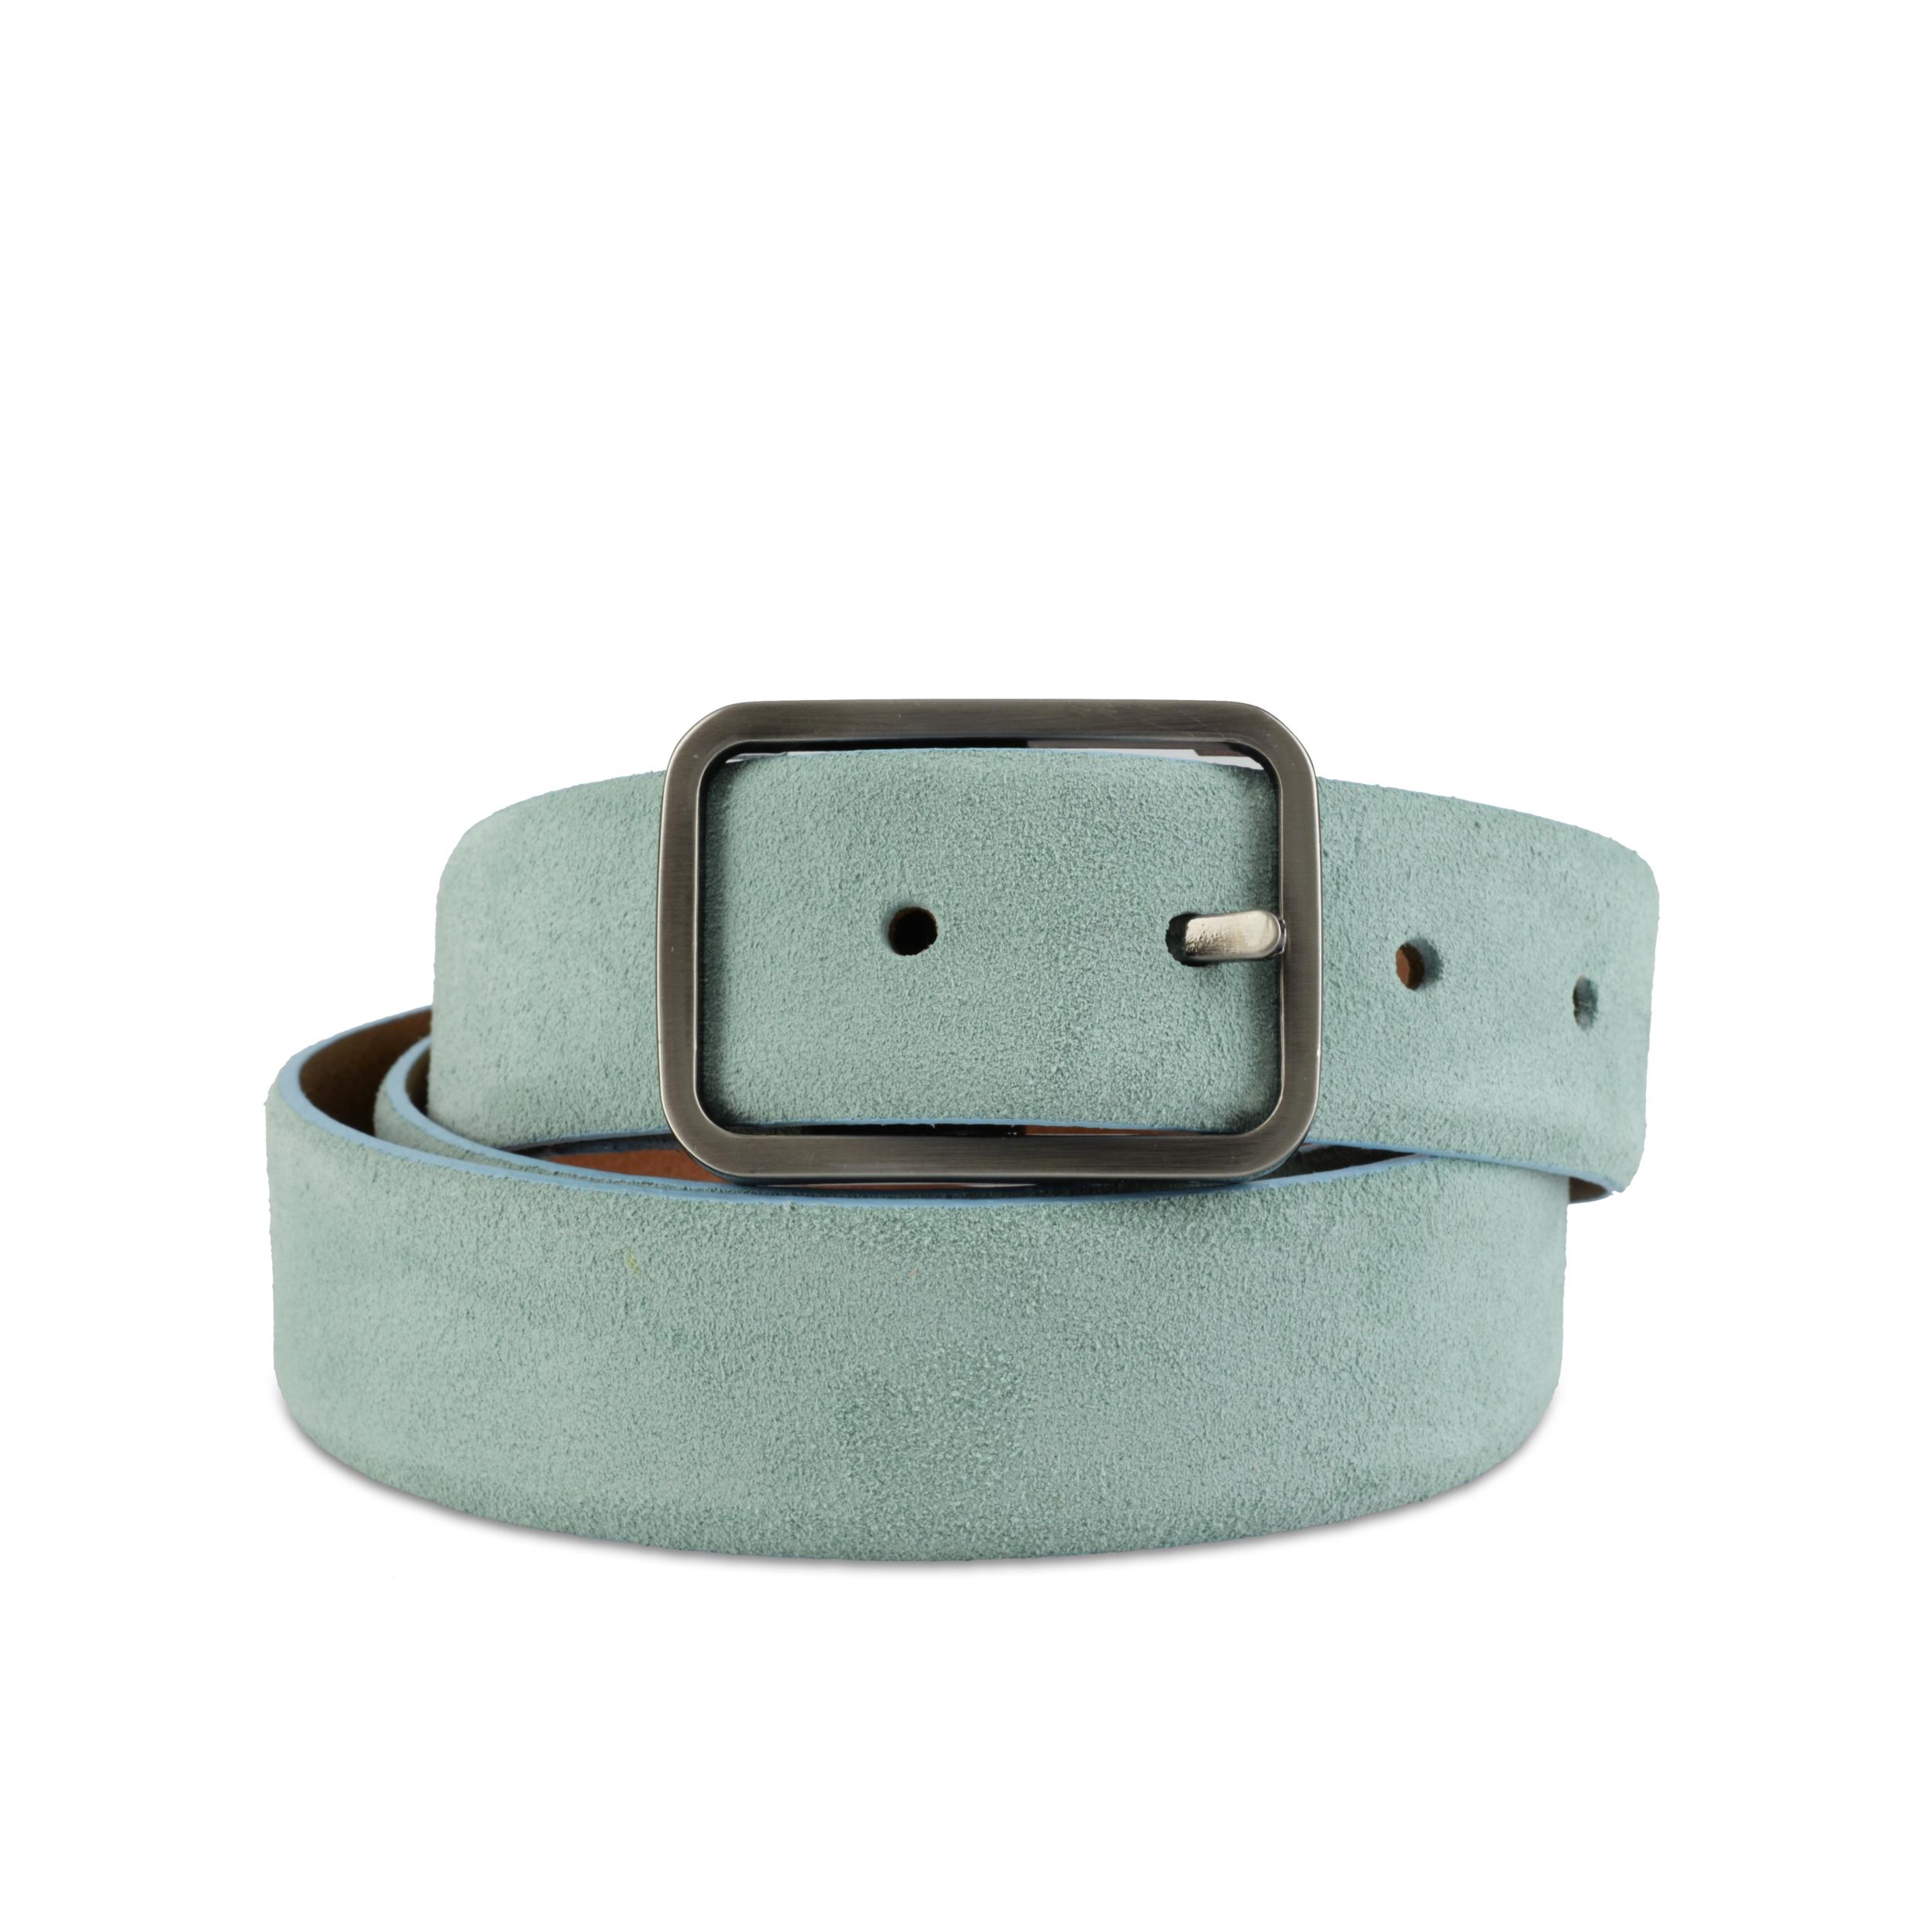 CT-00062-aqua-F16-ceinture-femme-cuir-suedine-vert-clair